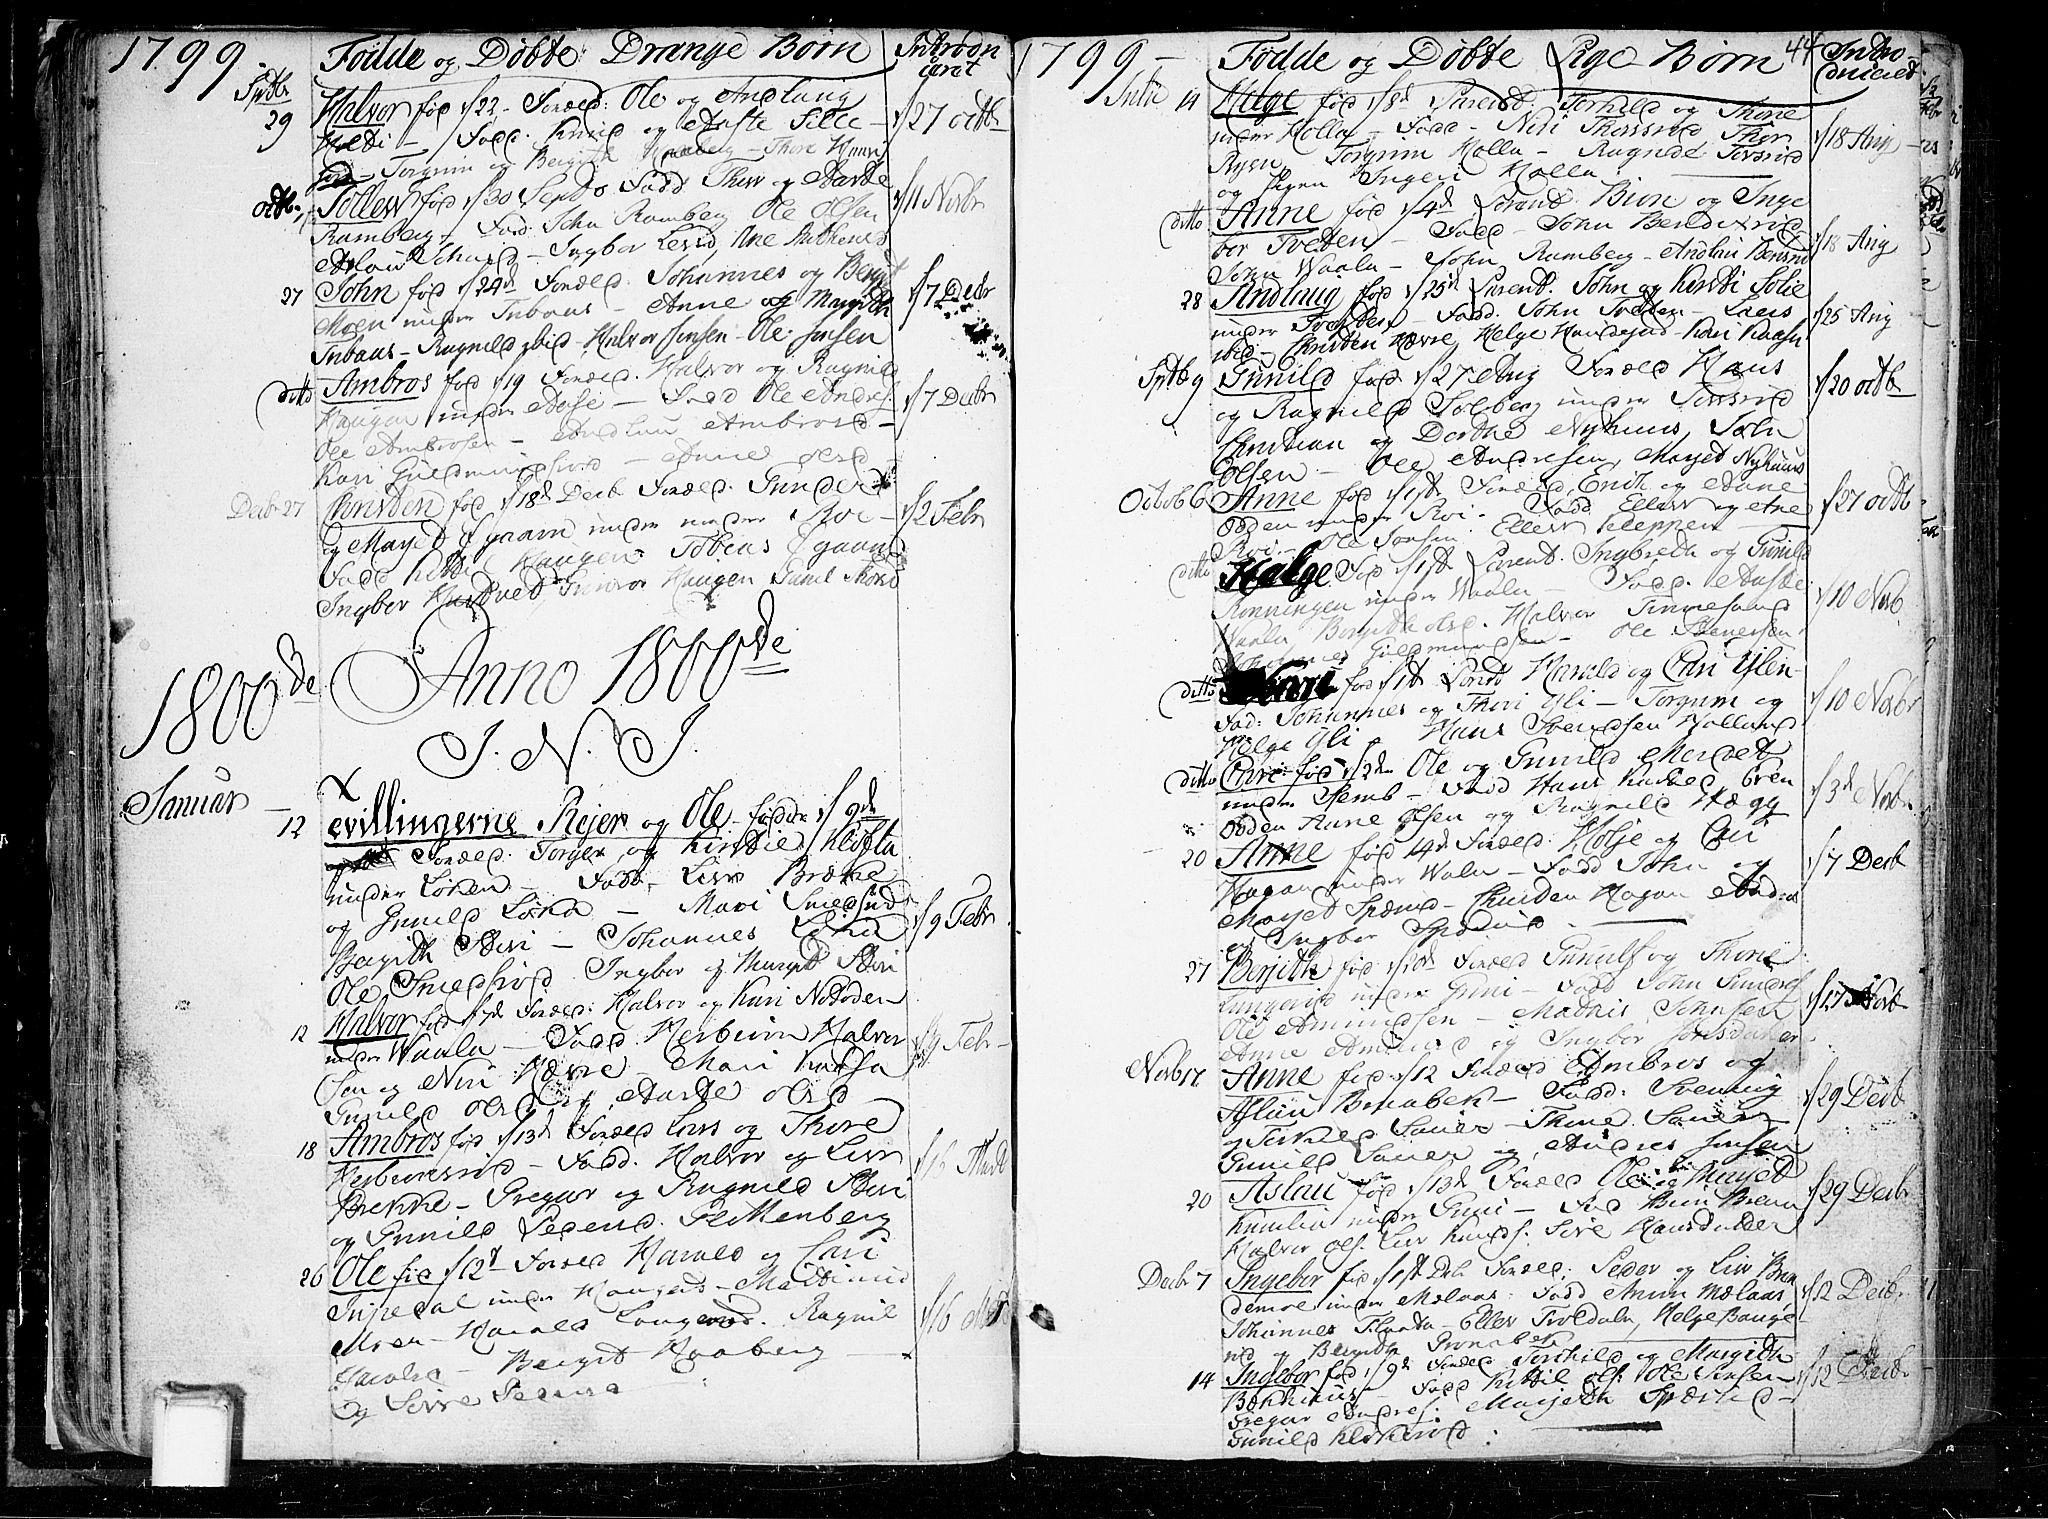 SAKO, Heddal kirkebøker, F/Fa/L0004: Ministerialbok nr. I 4, 1784-1814, s. 44